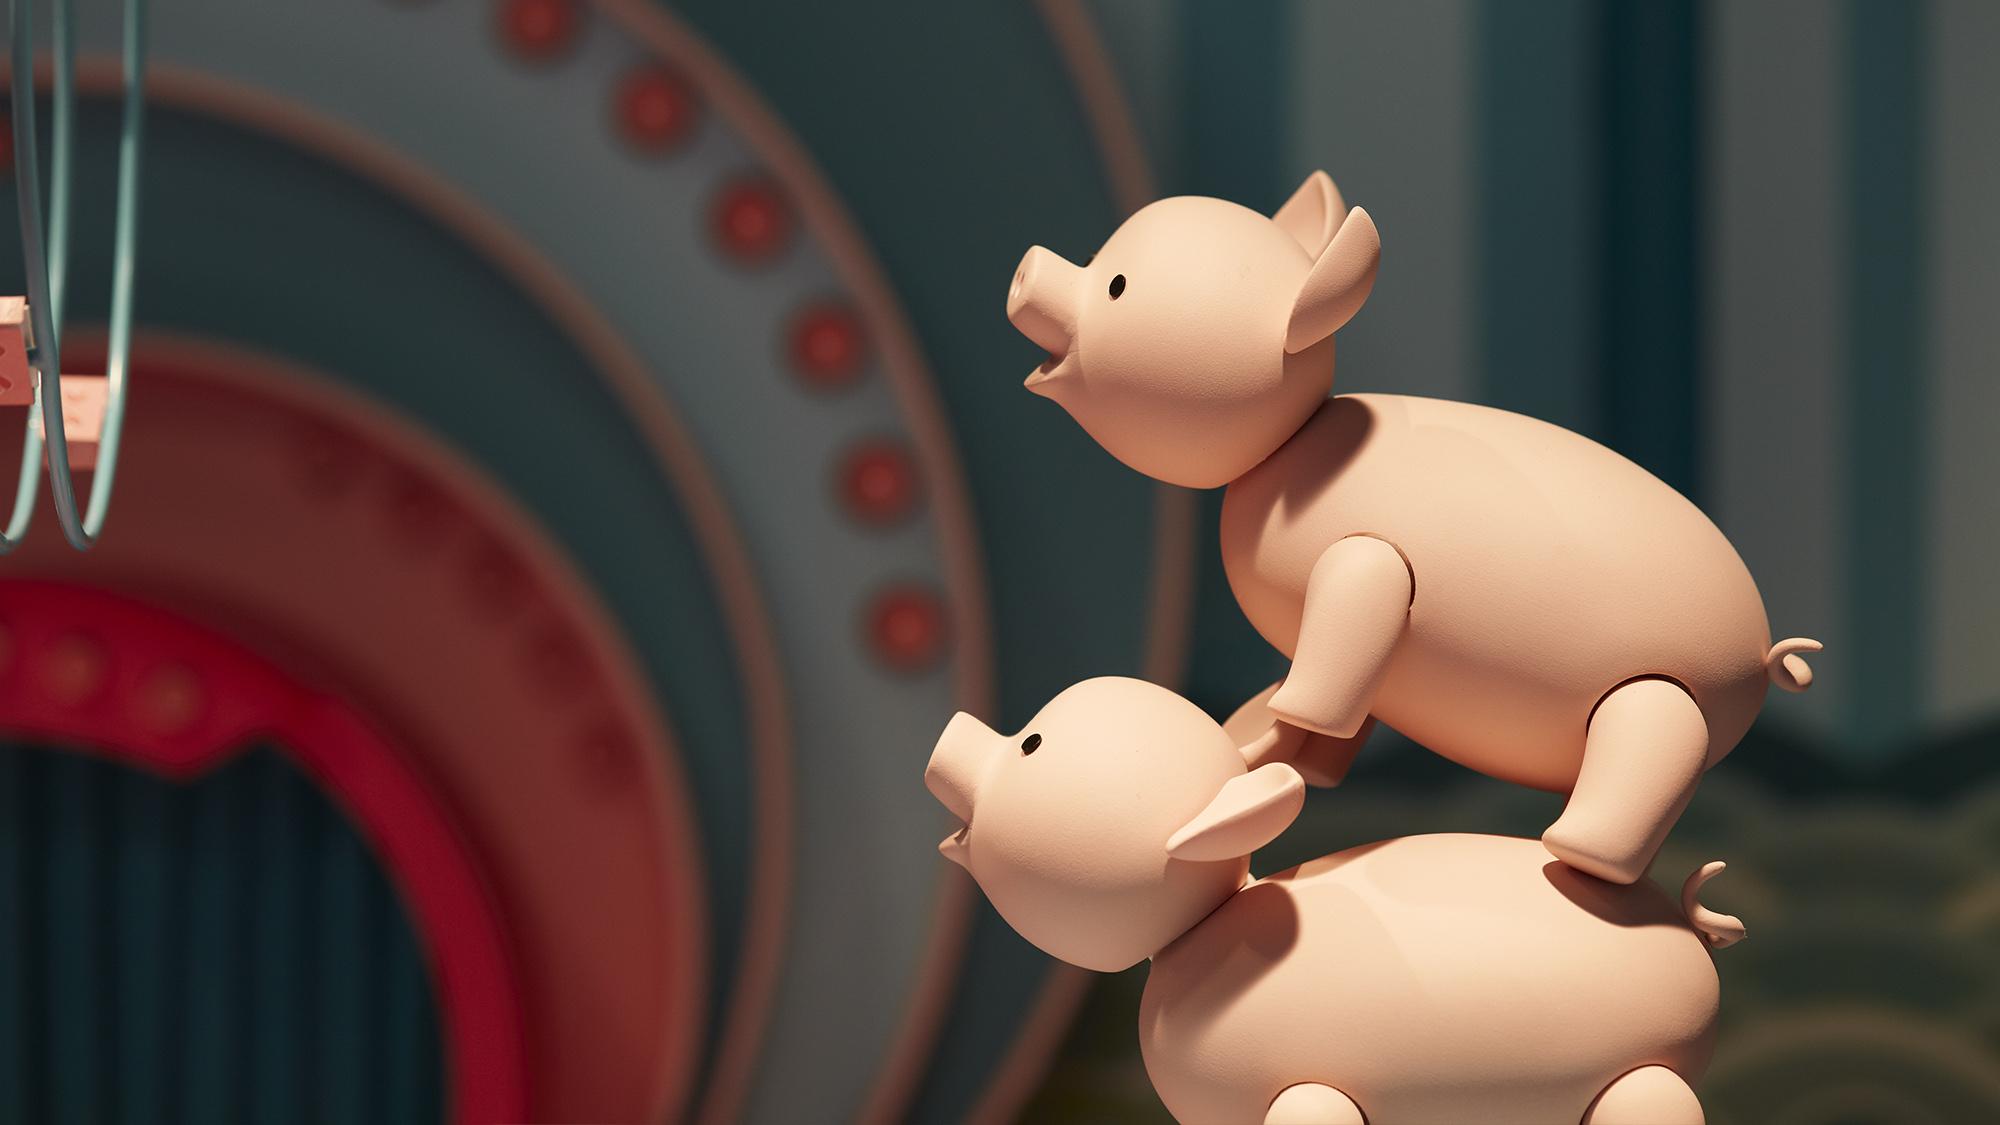 Pig_007_02_X1_0086